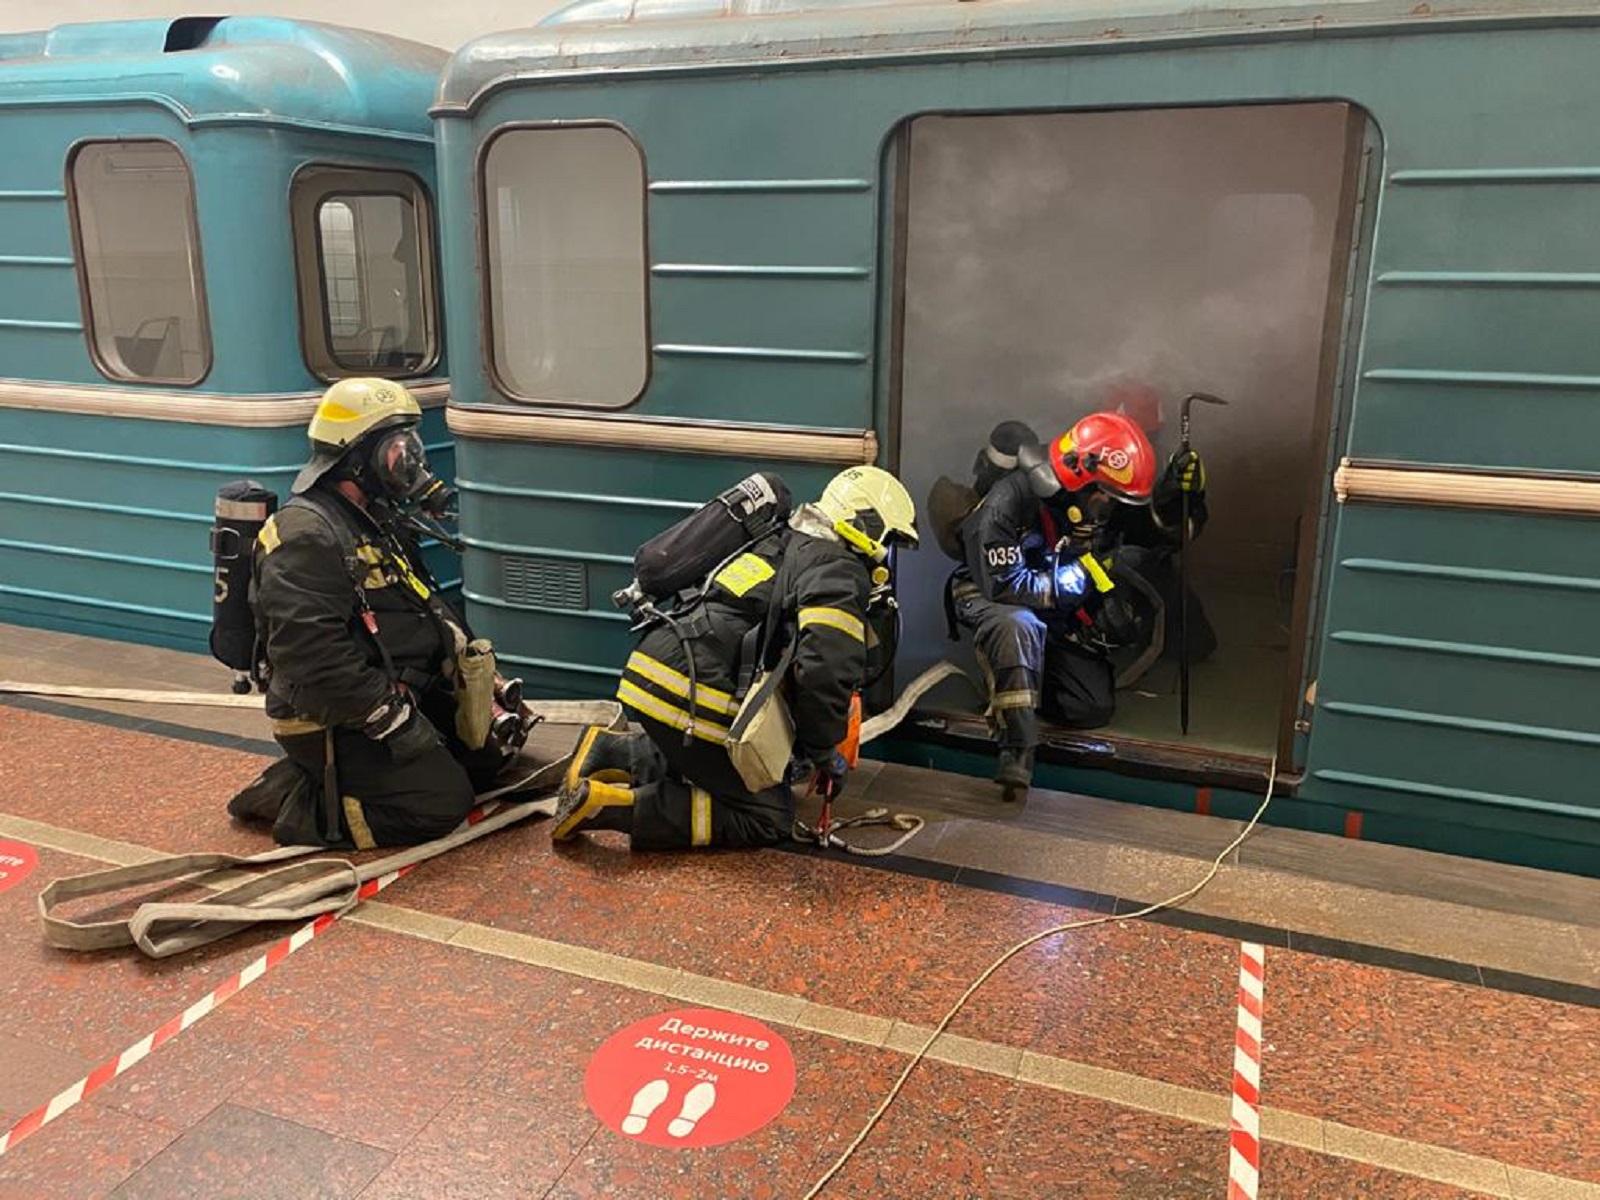 Московские пожарные и спасатели провели тактические учения в метрополитене